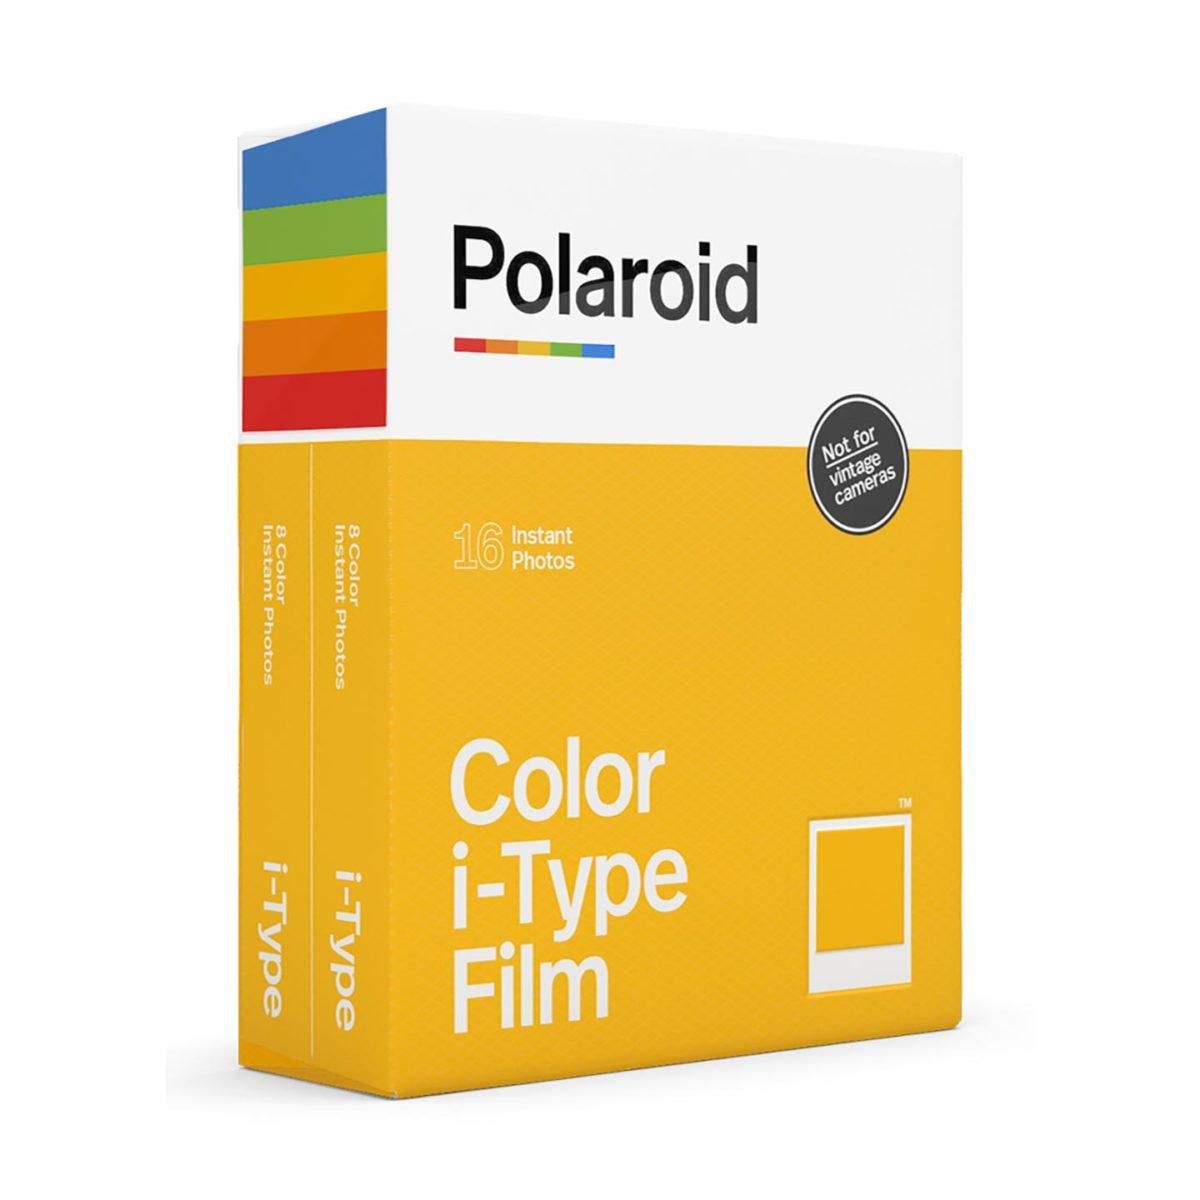 polaroid_i_type_color_film_dp_01